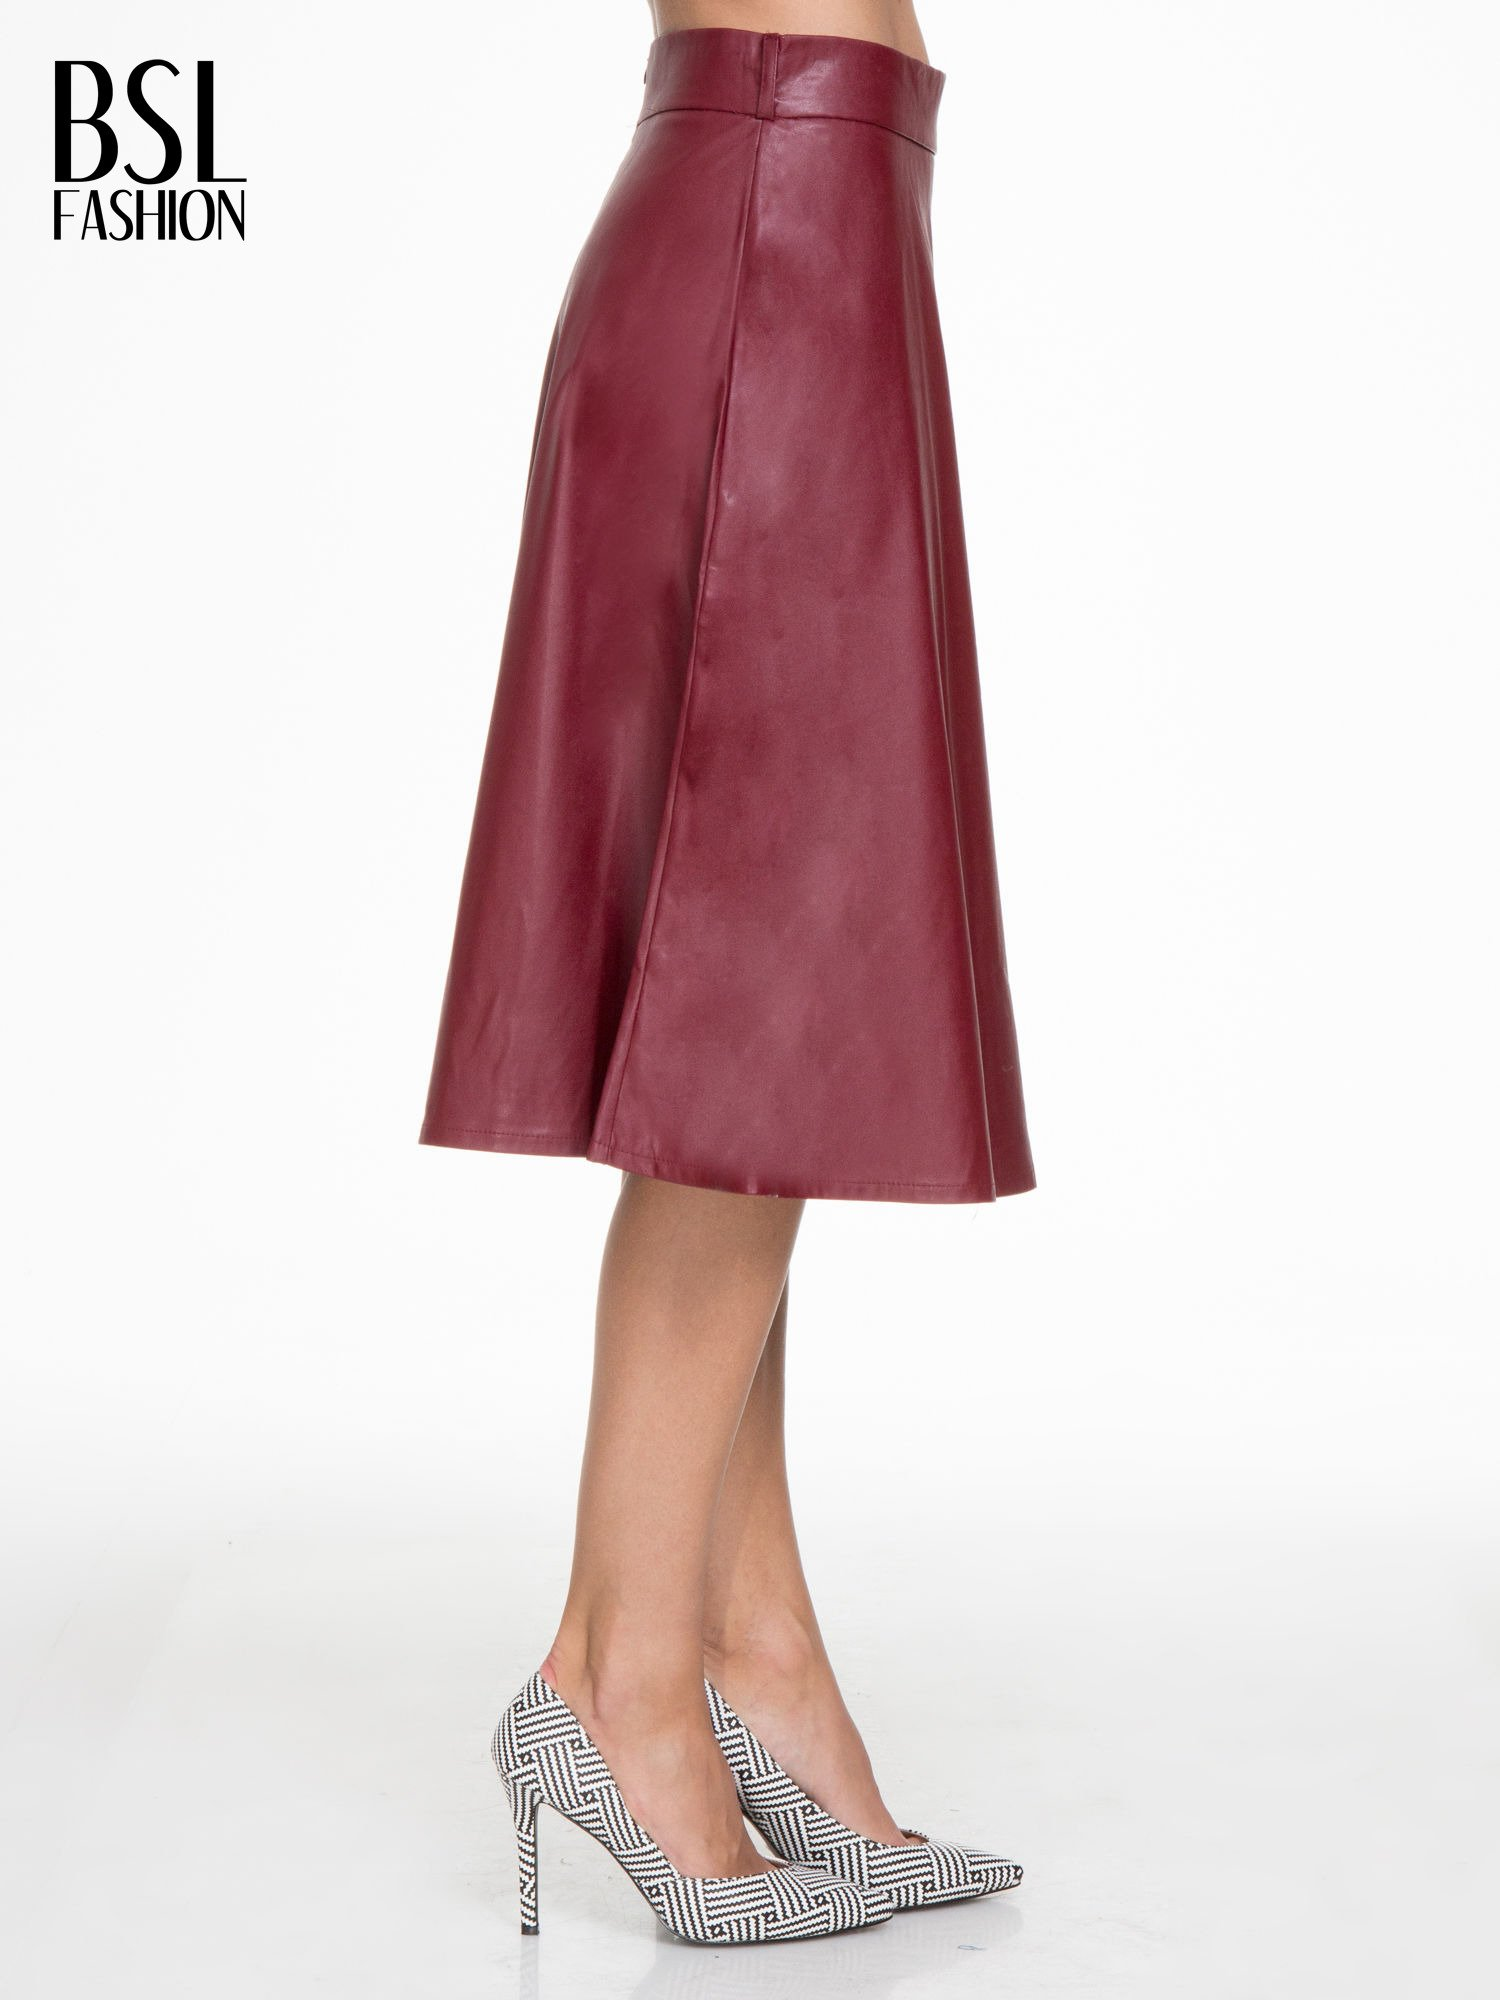 Bordowa skórzana spódnica midi szyta z półkola                                  zdj.                                  3